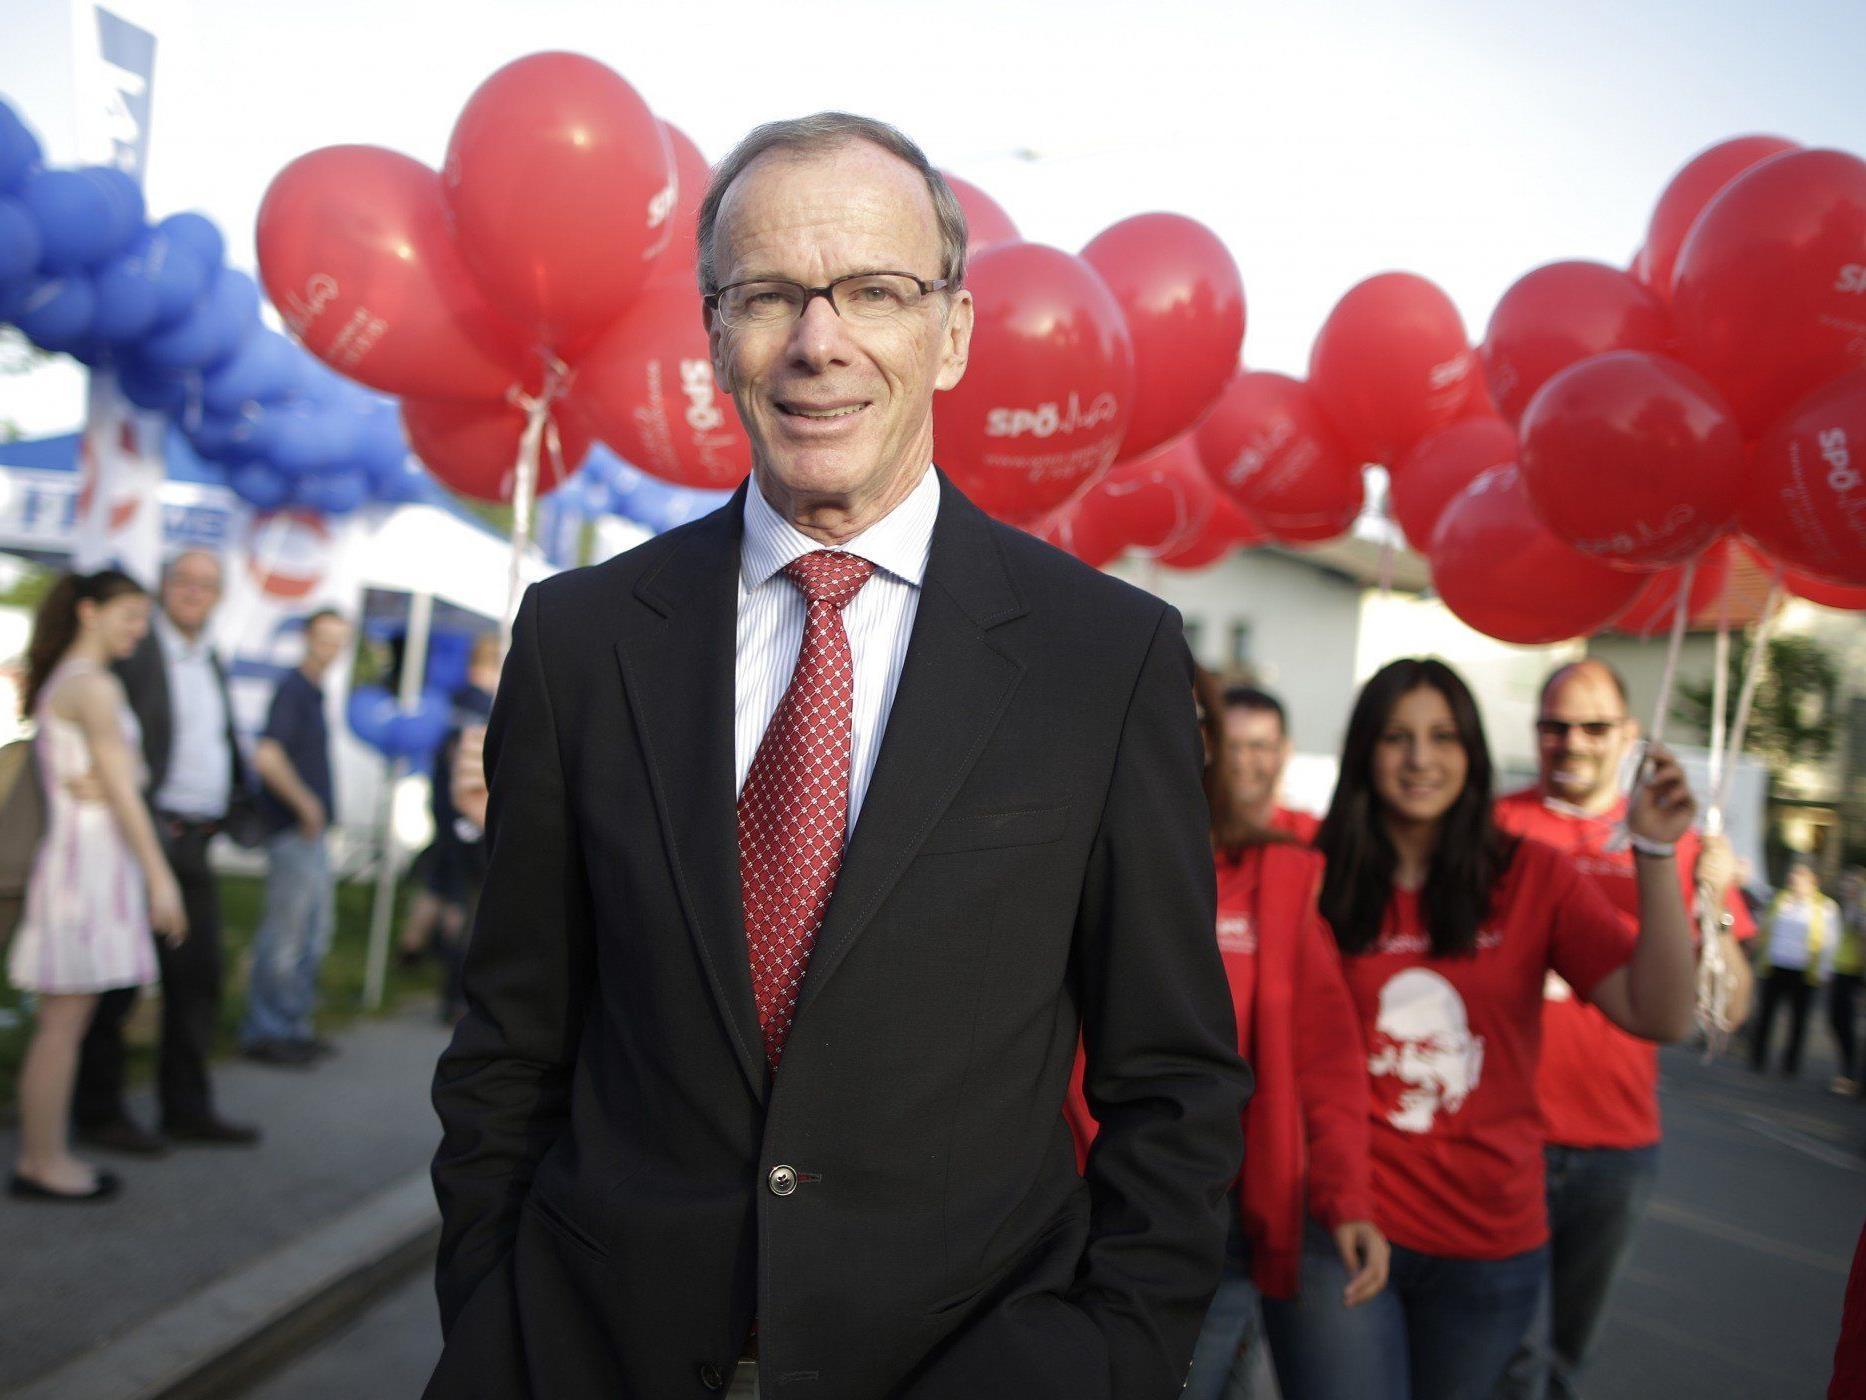 Europawahl: Die erste Hochrechnung für Wien zeigt die SPÖ auf Platz 1.